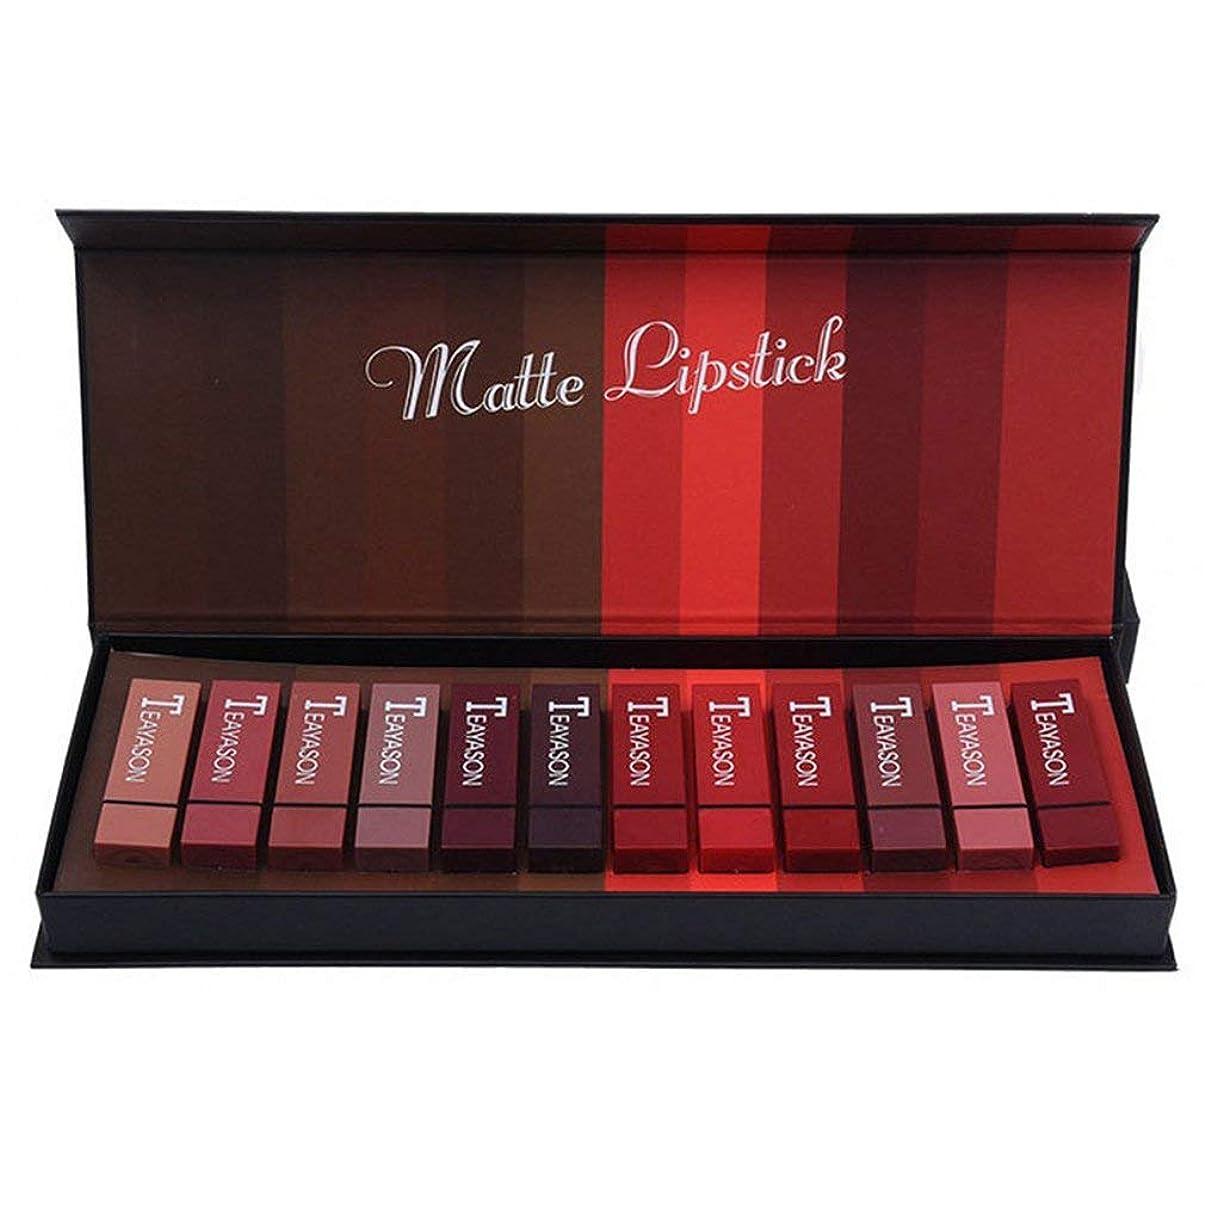 式変換するデコレーション新しいボックスハードボックス12色スクエアチューブセクシーな赤い口赤い霧フェイスリップスティックカボチャマットブリックレッドダーティーオレンジ